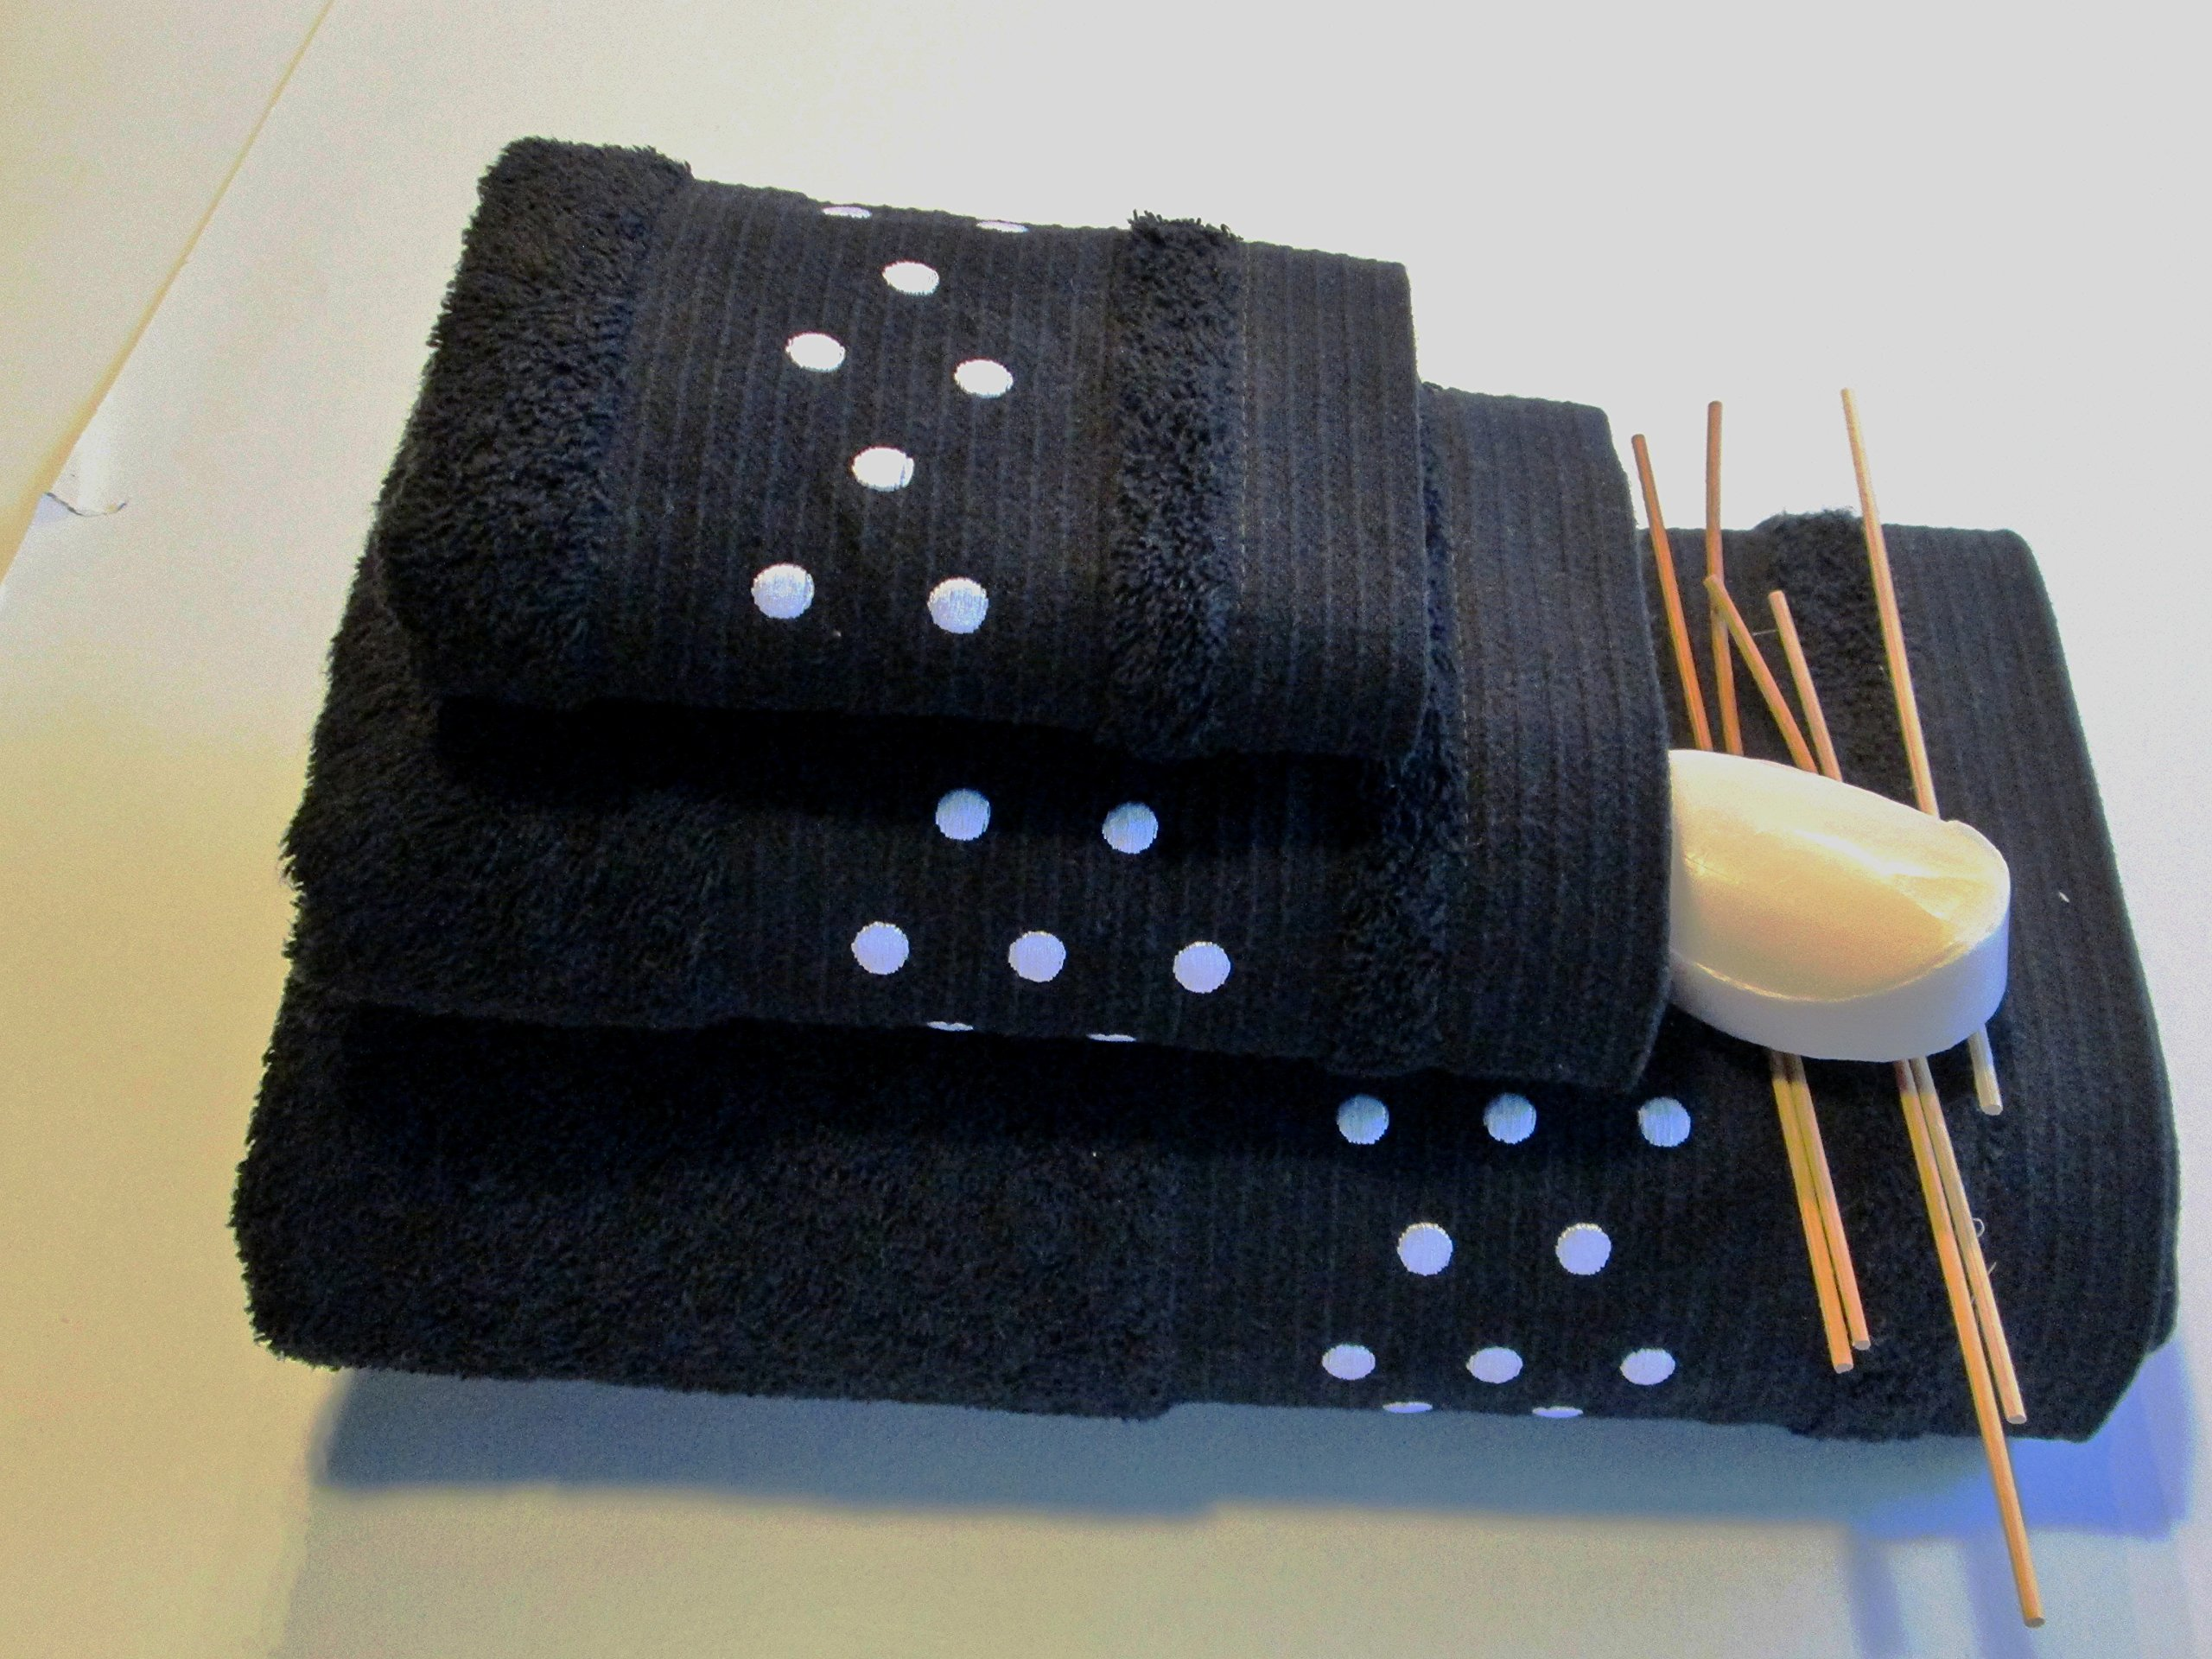 SPOTS BATH TOWELS - 3 PIECES SET - BATH SHEET + HAND TOWEL + FACE TOWEL - BLACK W/ WHITE